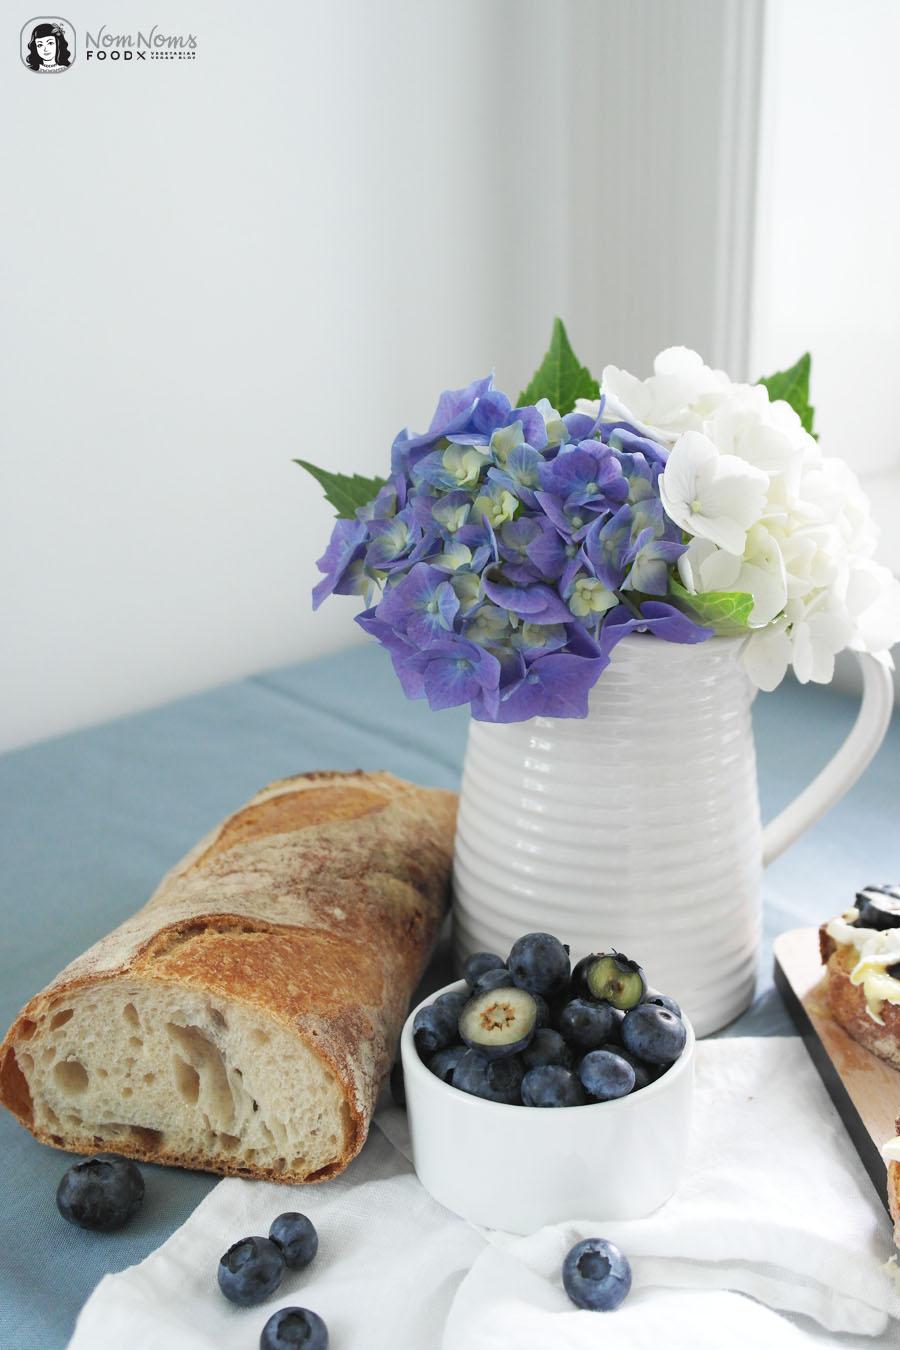 Crostini mit Camembert, Blaubeeren und fruchtigem Blaubeer-Balsamico-Essig